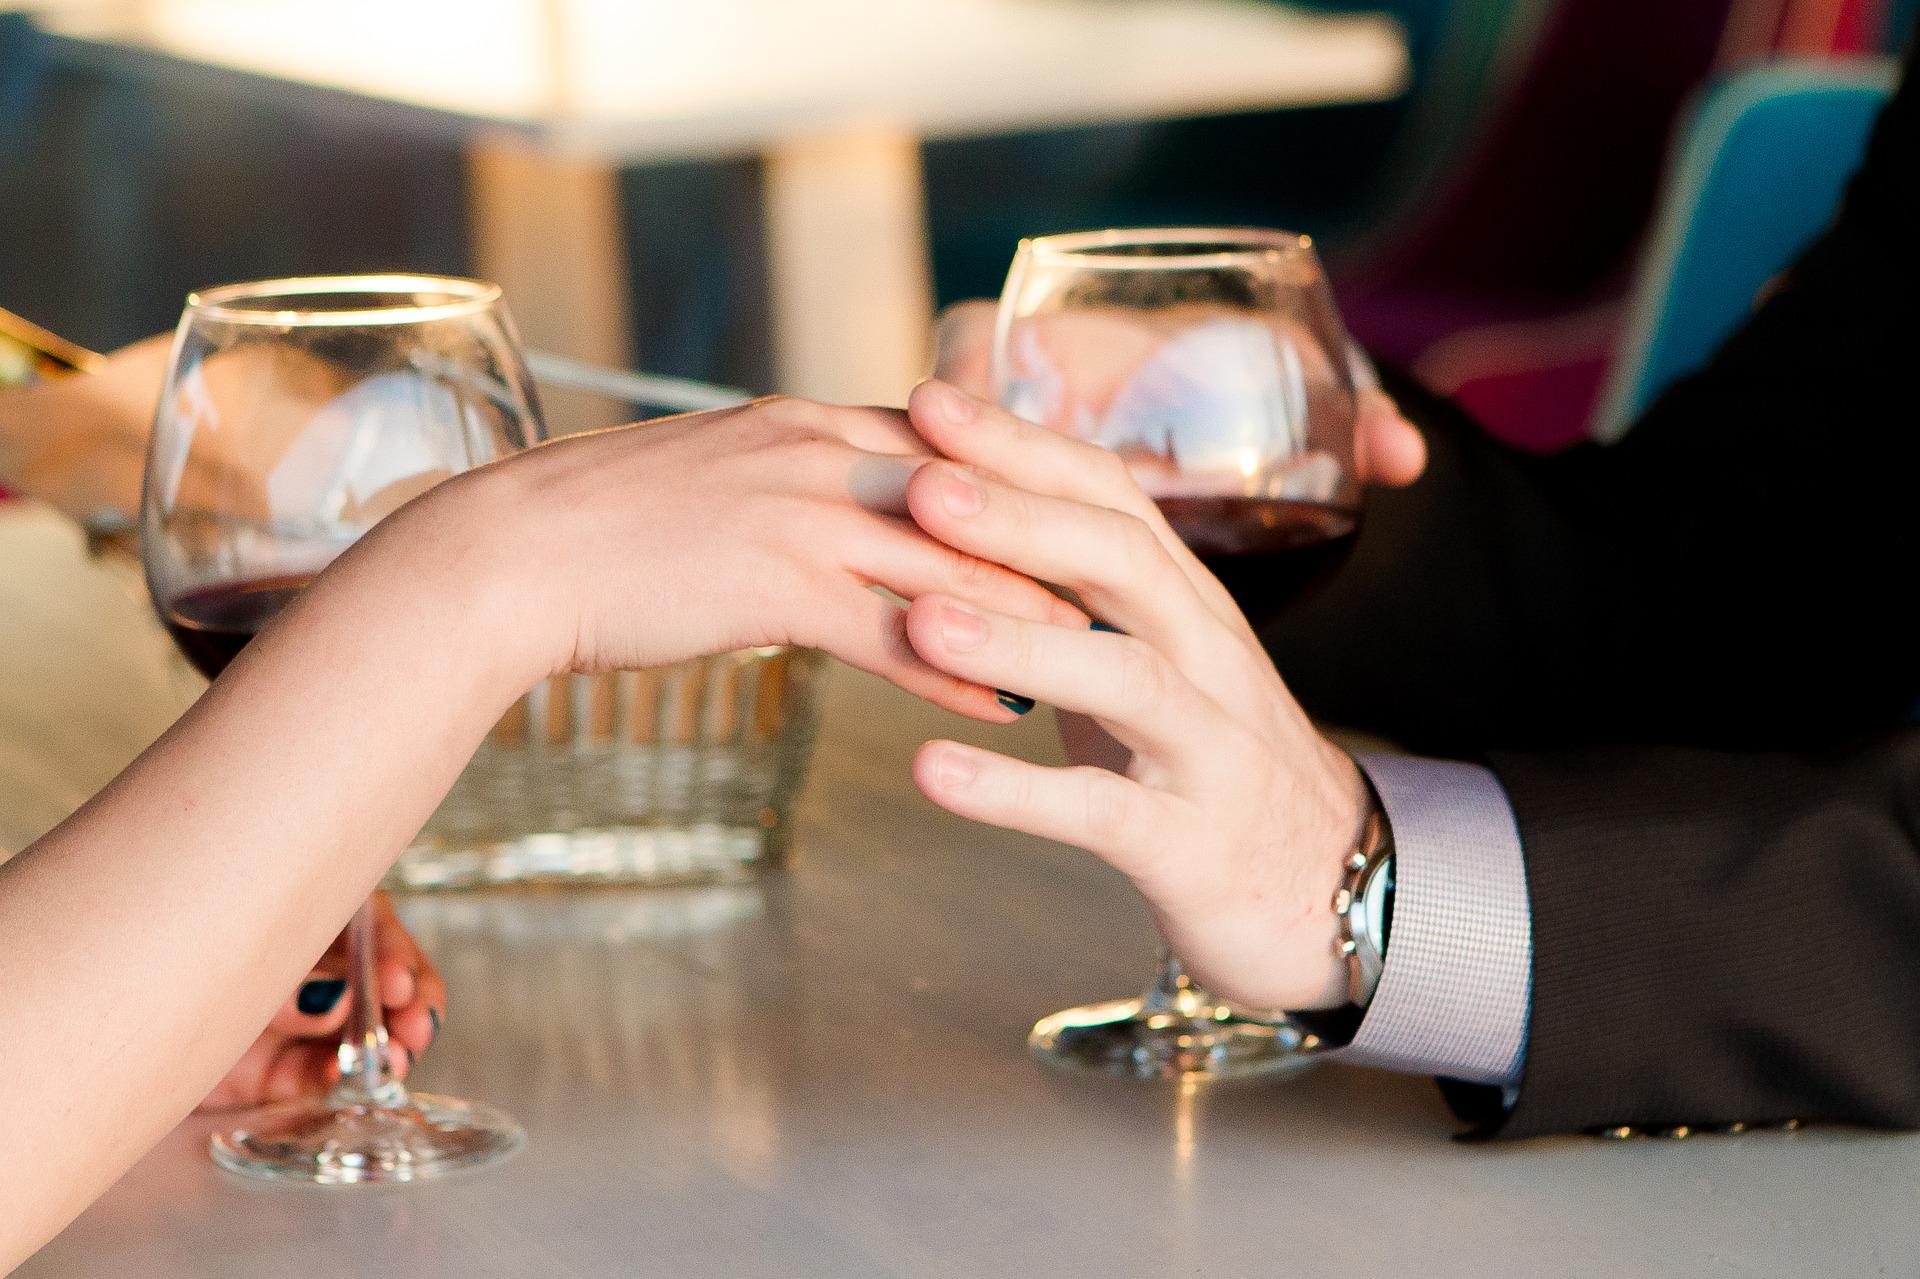 ダブル不倫から結婚するカップルの共通する特徴と再婚した二人の結末